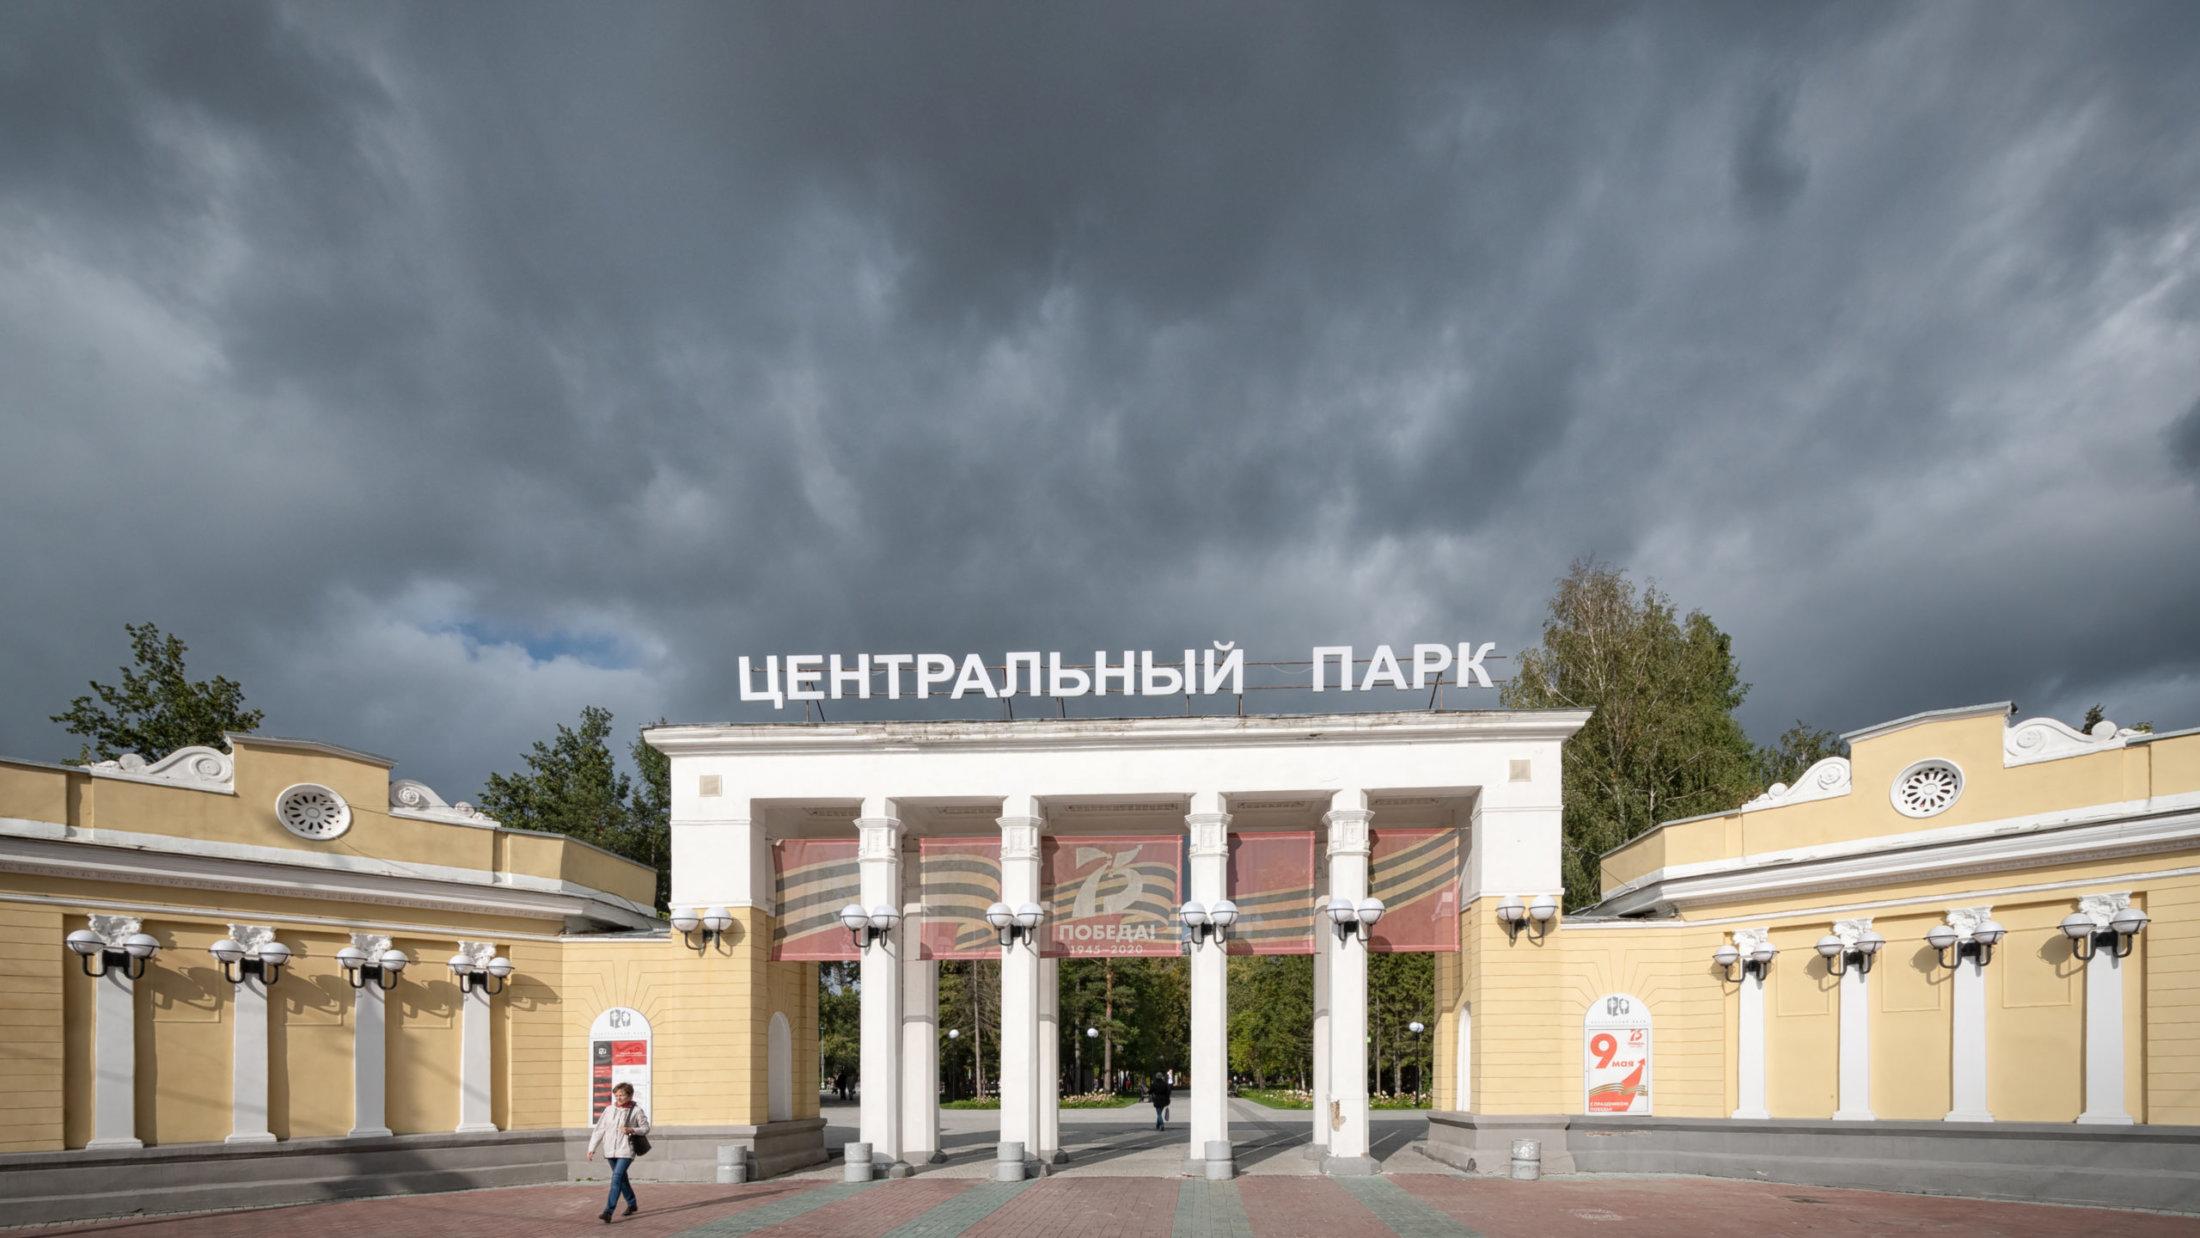 Андрей Поляков. Центральный парк